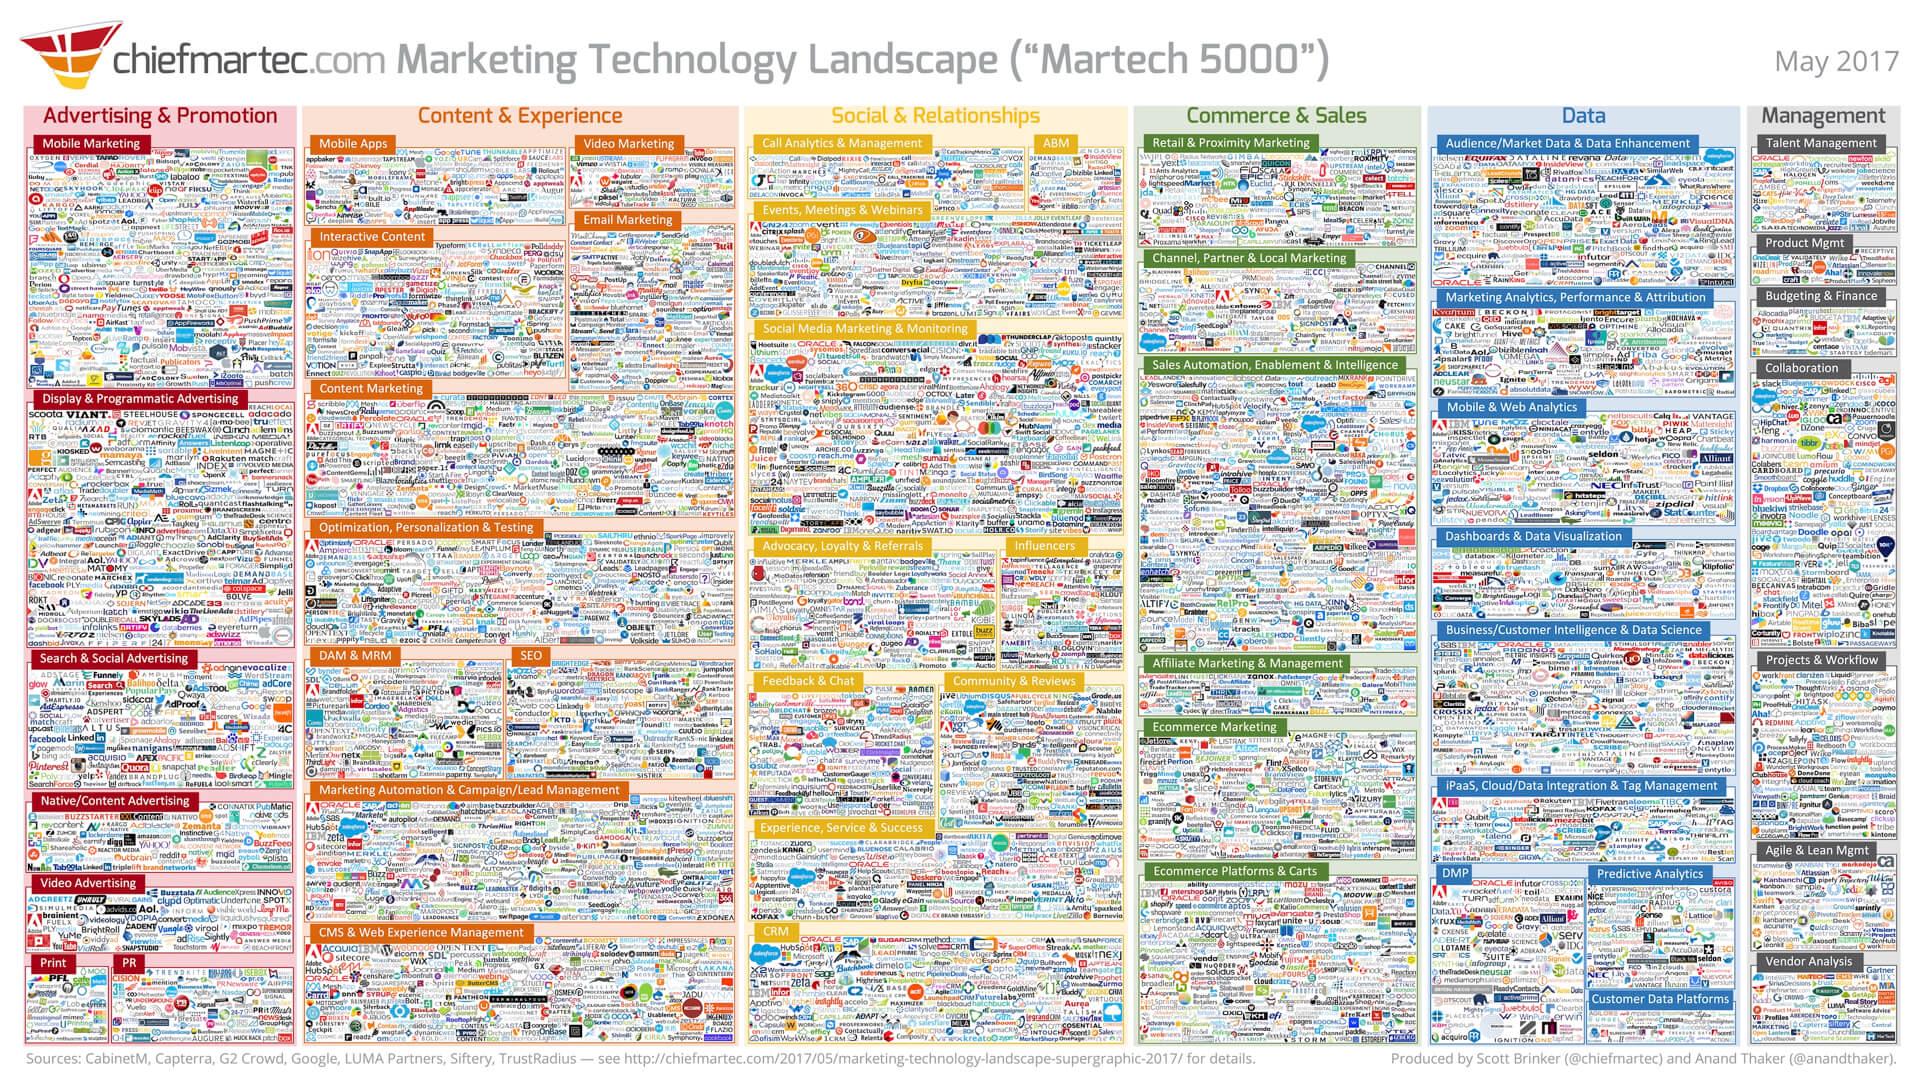 اینفوگرافیک بیش از ۵۰۰۰ ابزار دیجیتال مارکتینگ